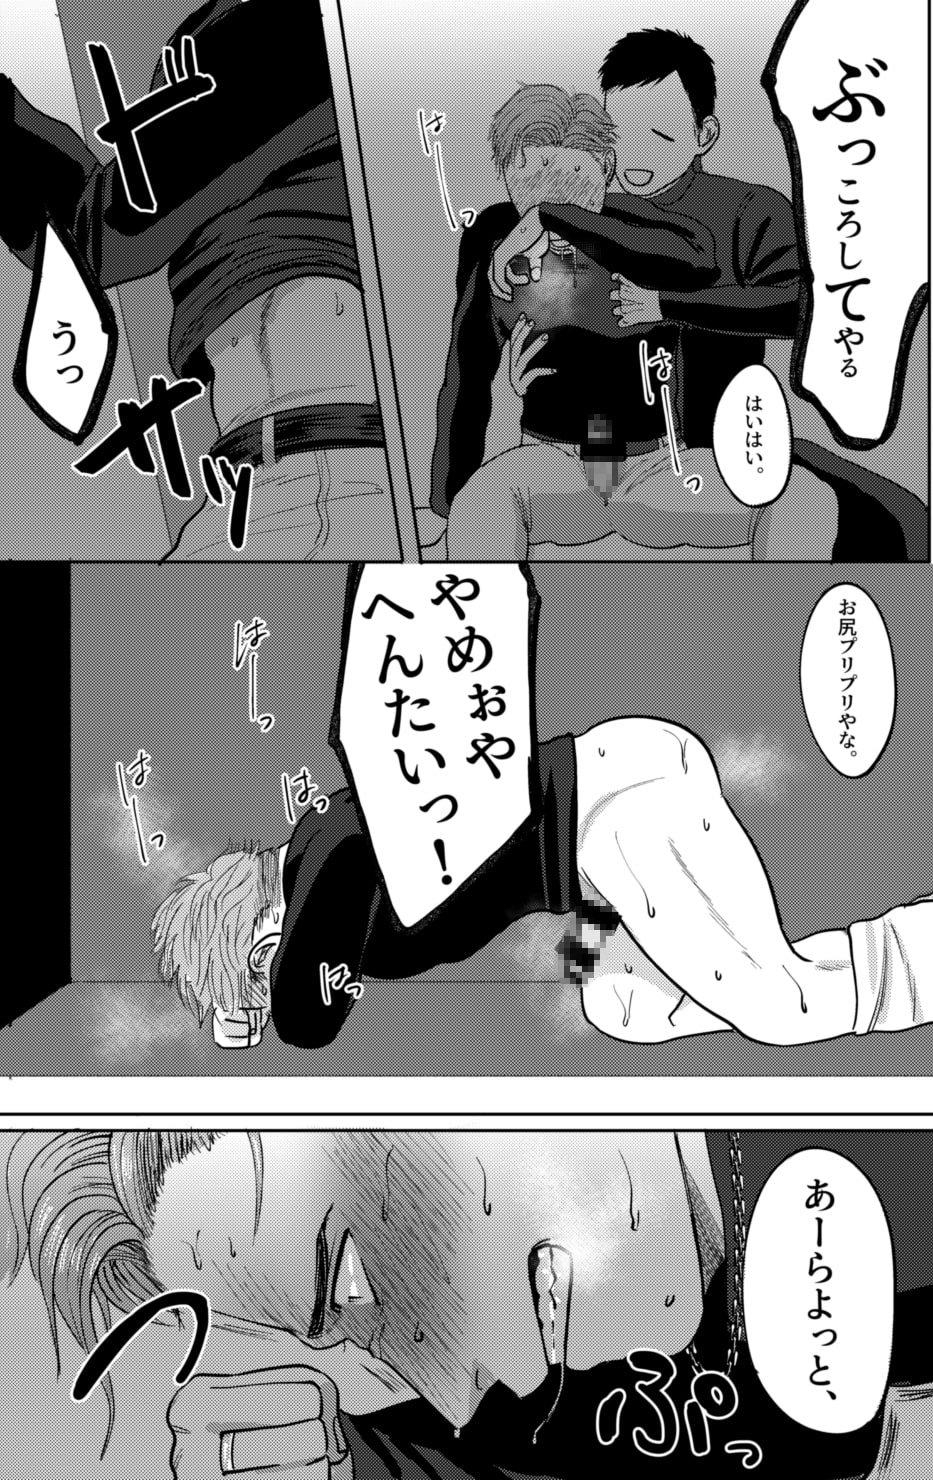 【全然メス堕ちしないメス堕ち本】風神雷神交通